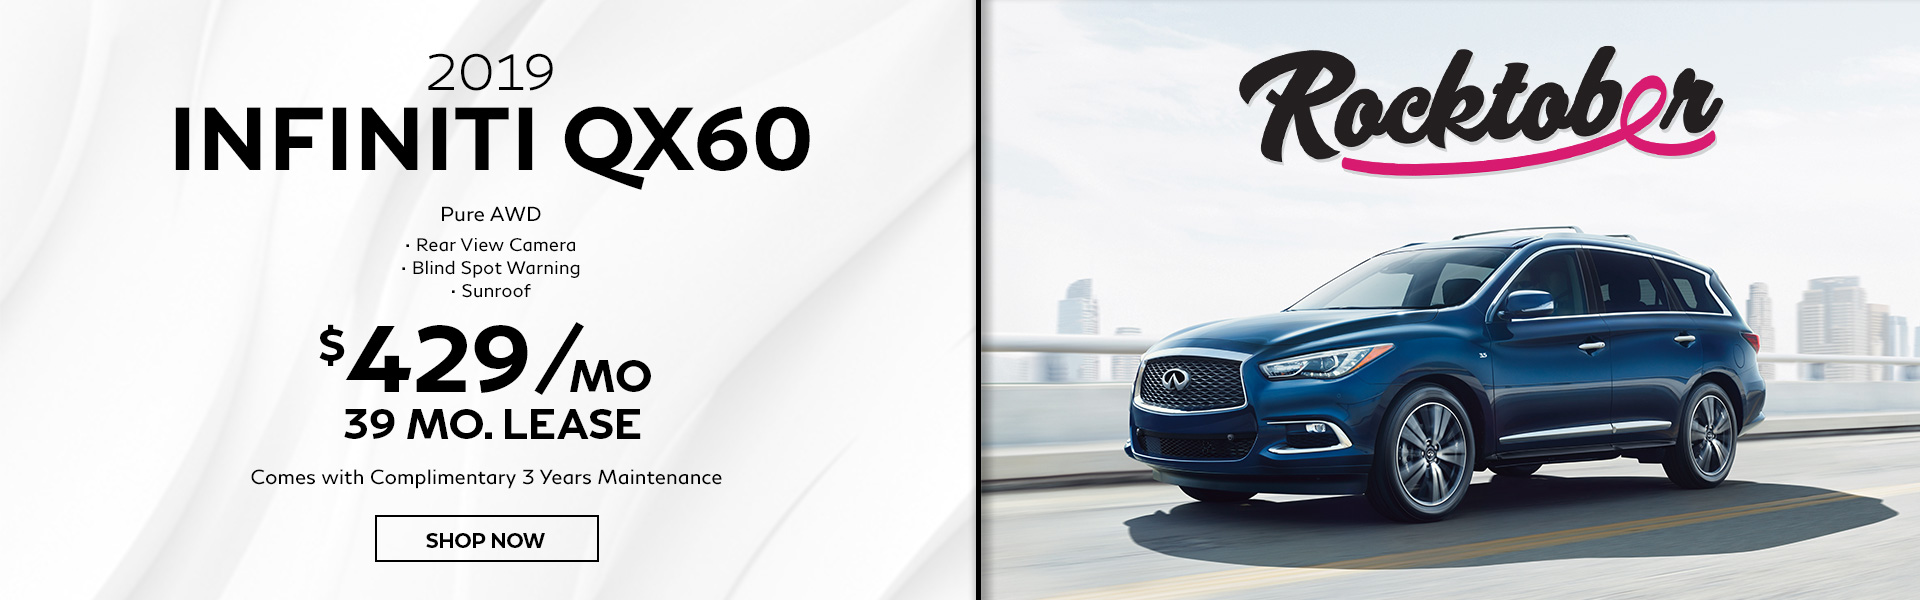 QX60 Hero Offer